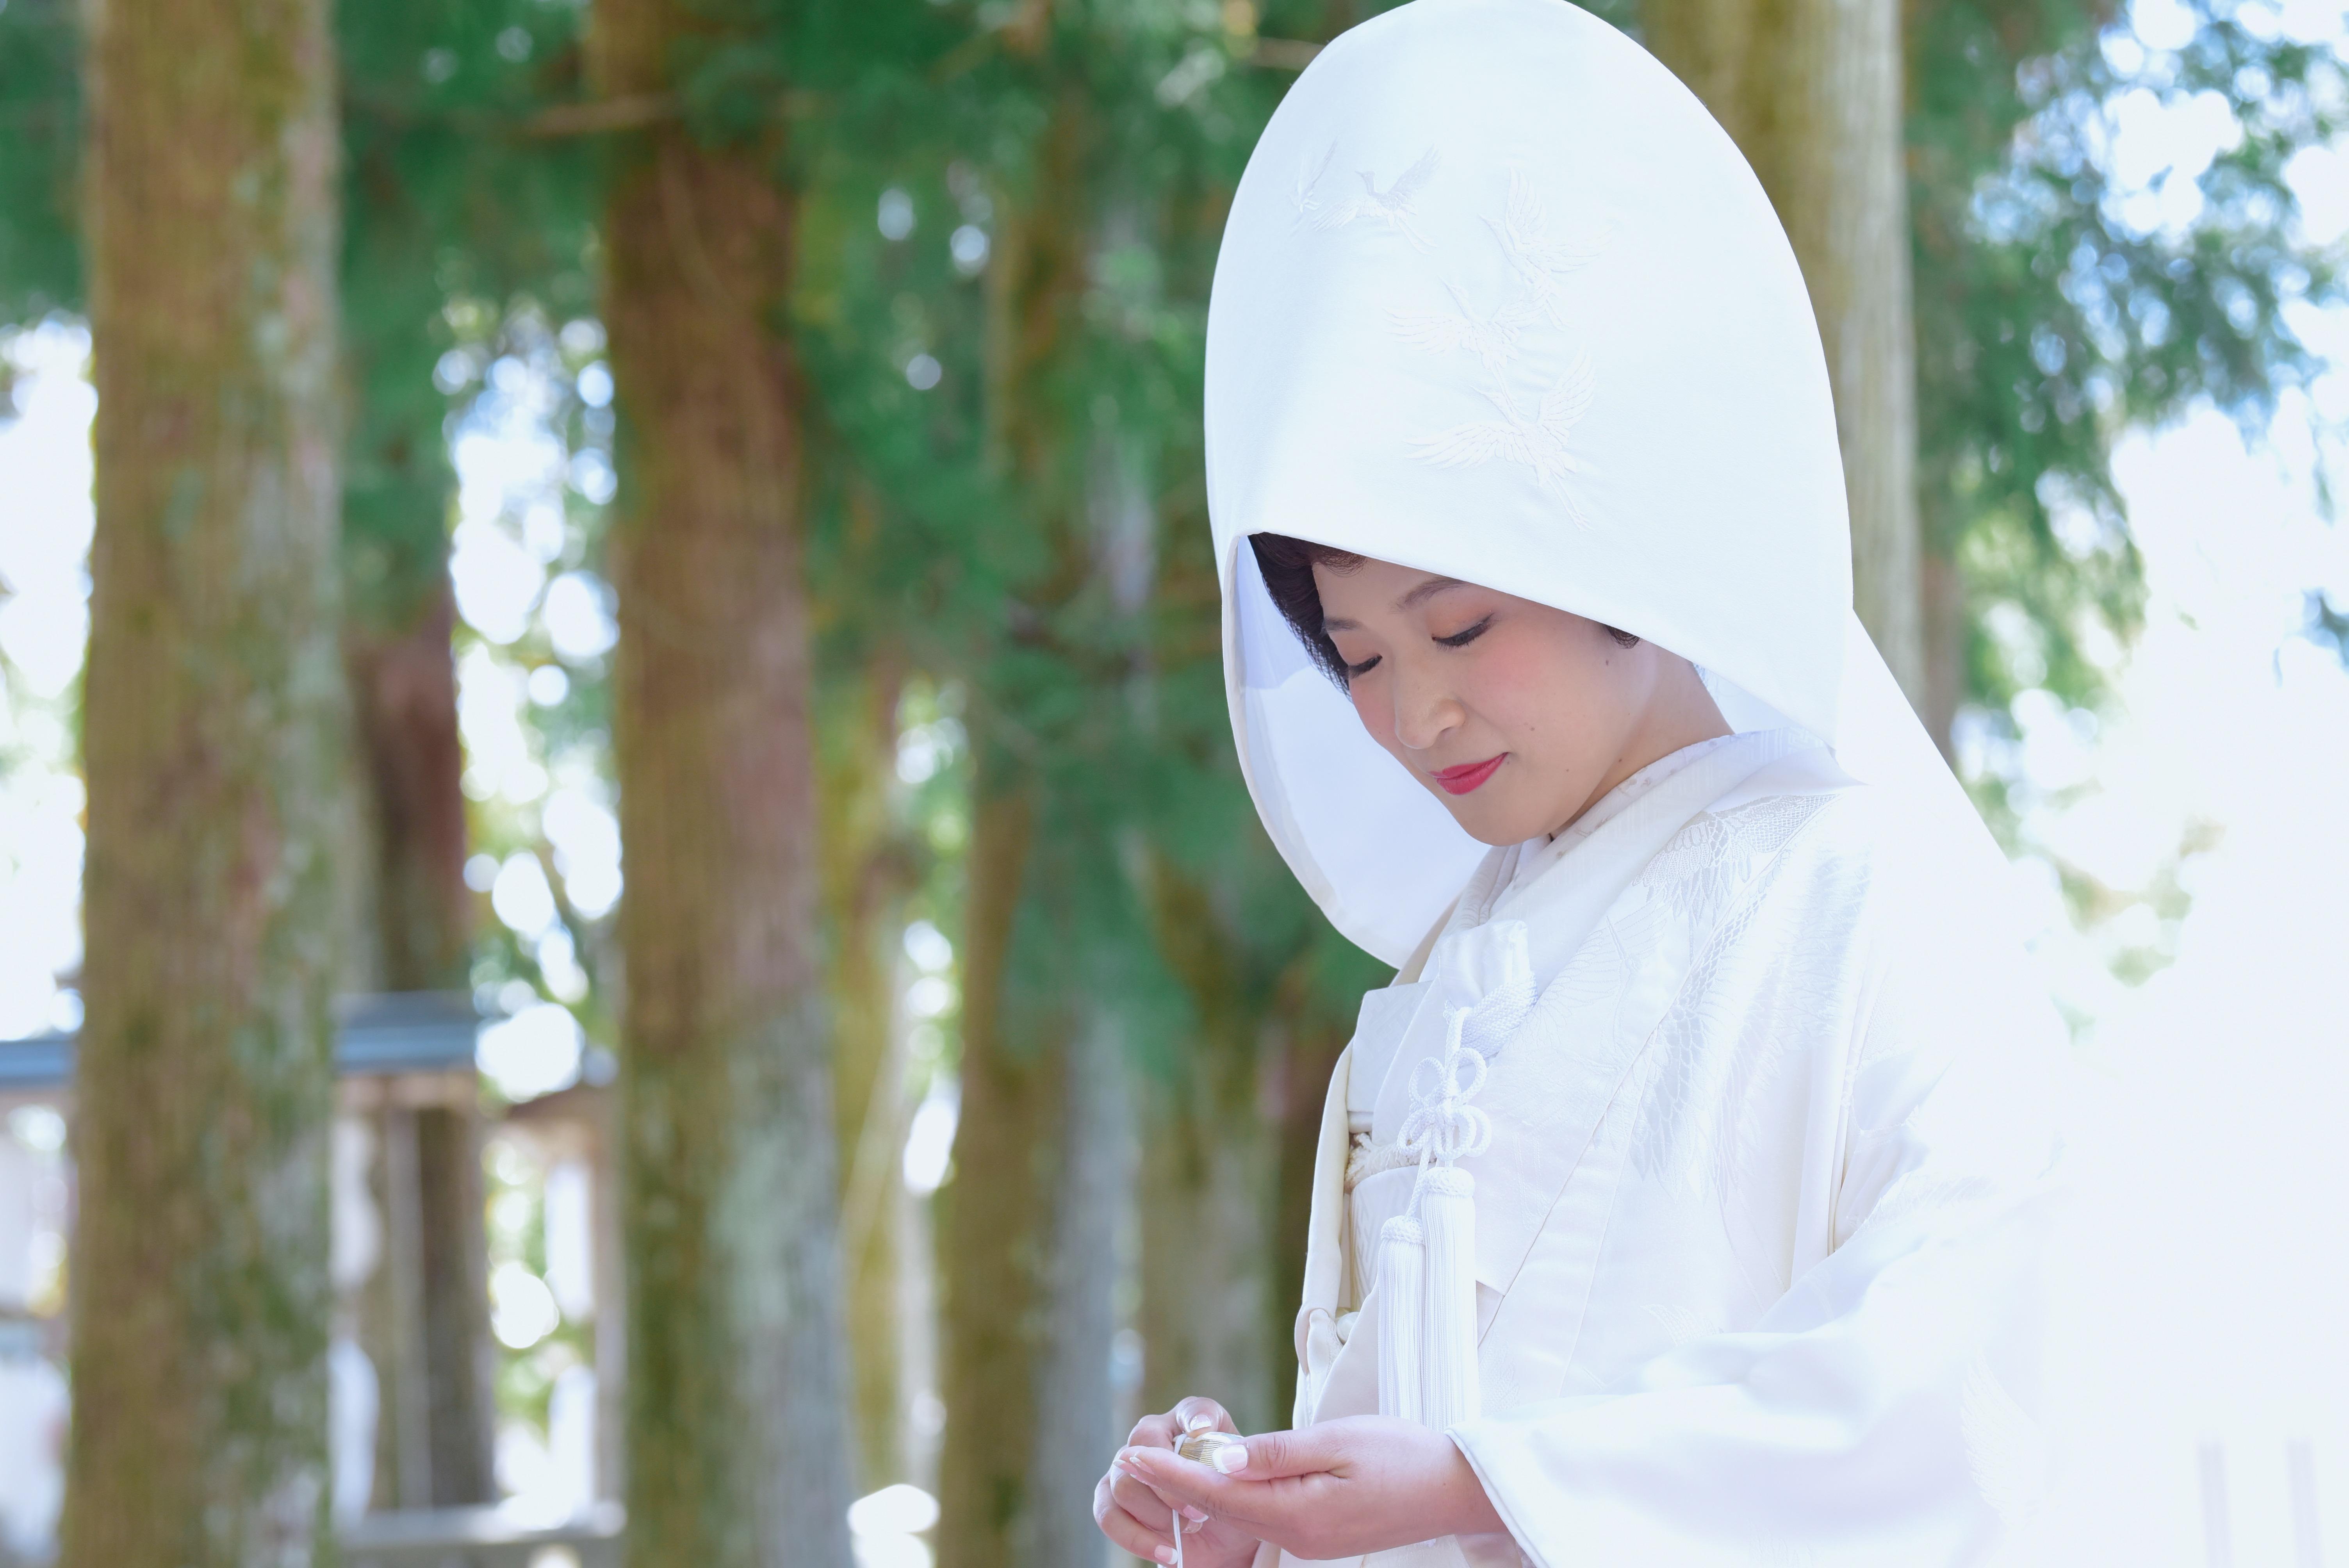 熊野本宮大社で白無垢のカツラと綿帽子の結婚式